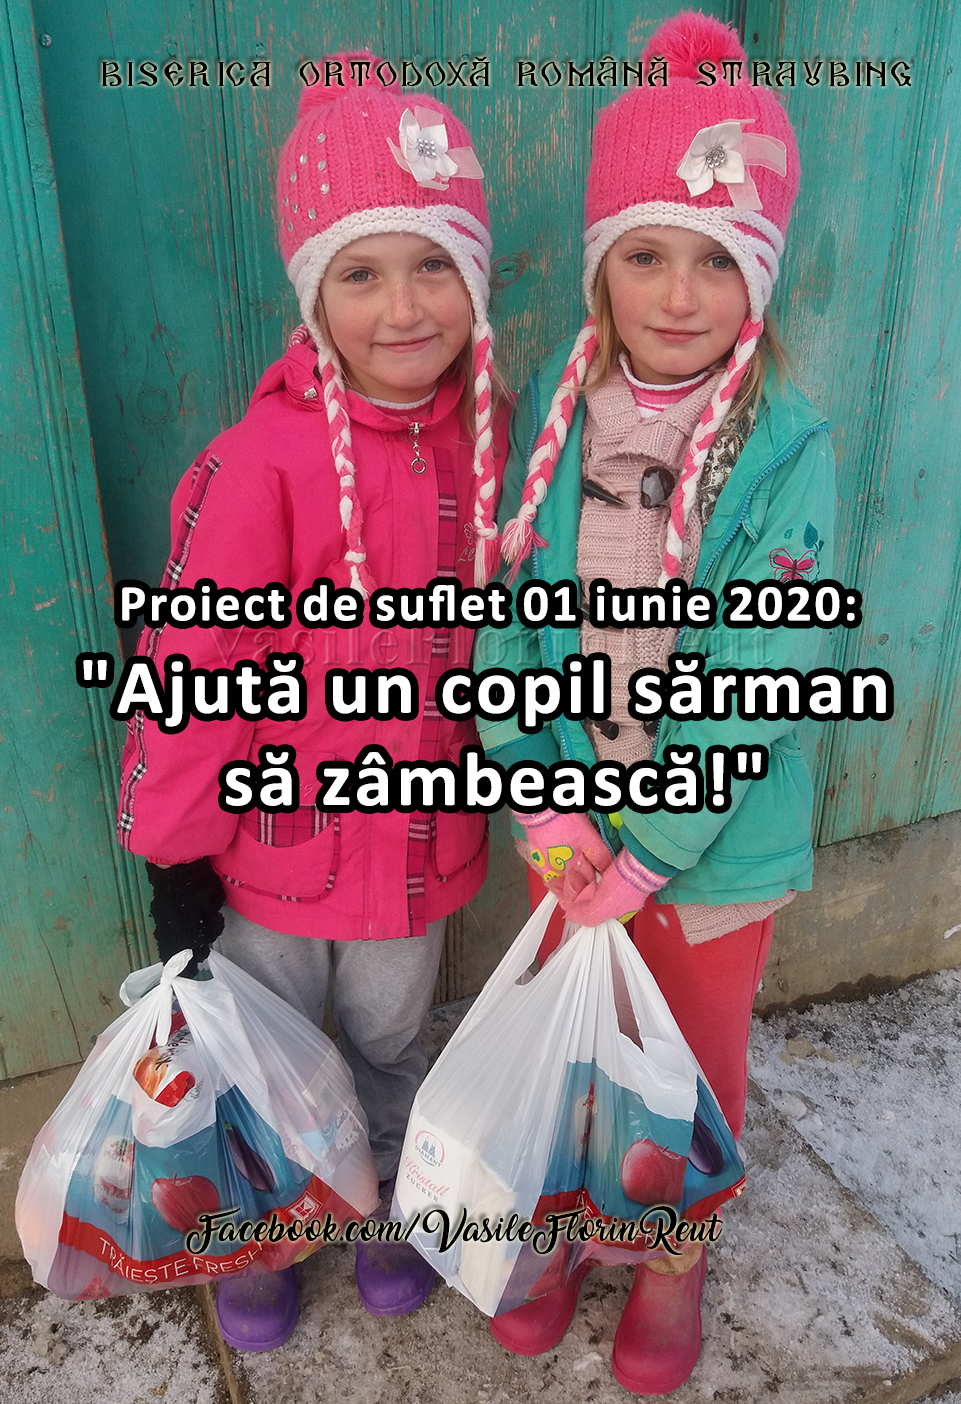 """Proiect de suflet 01 iunie 2020: """"Ajută un copil sărman să zâmbească"""""""